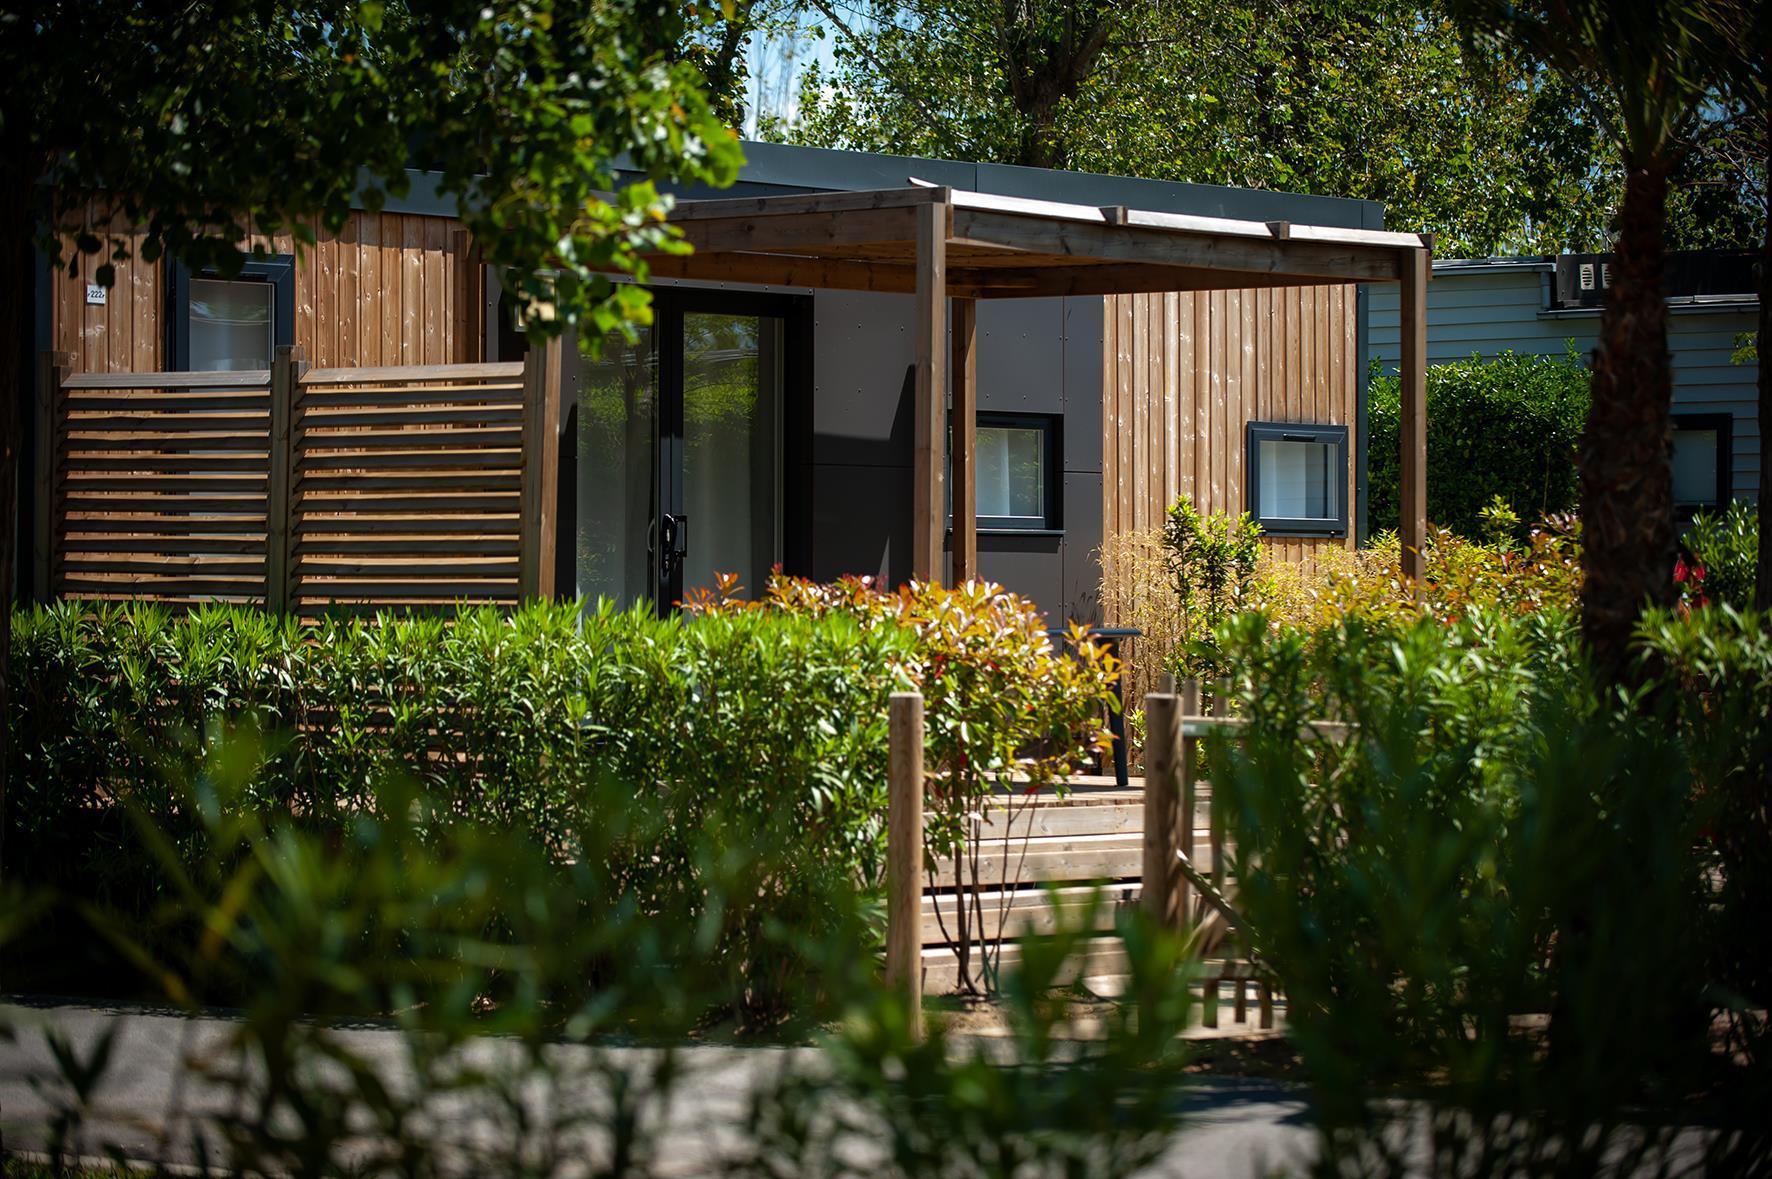 Location - Maison Des Sables Signature 5 Pers. - 2 Salles D'eau + 2 Wc - Camping Les Méditerranées Beach Garden